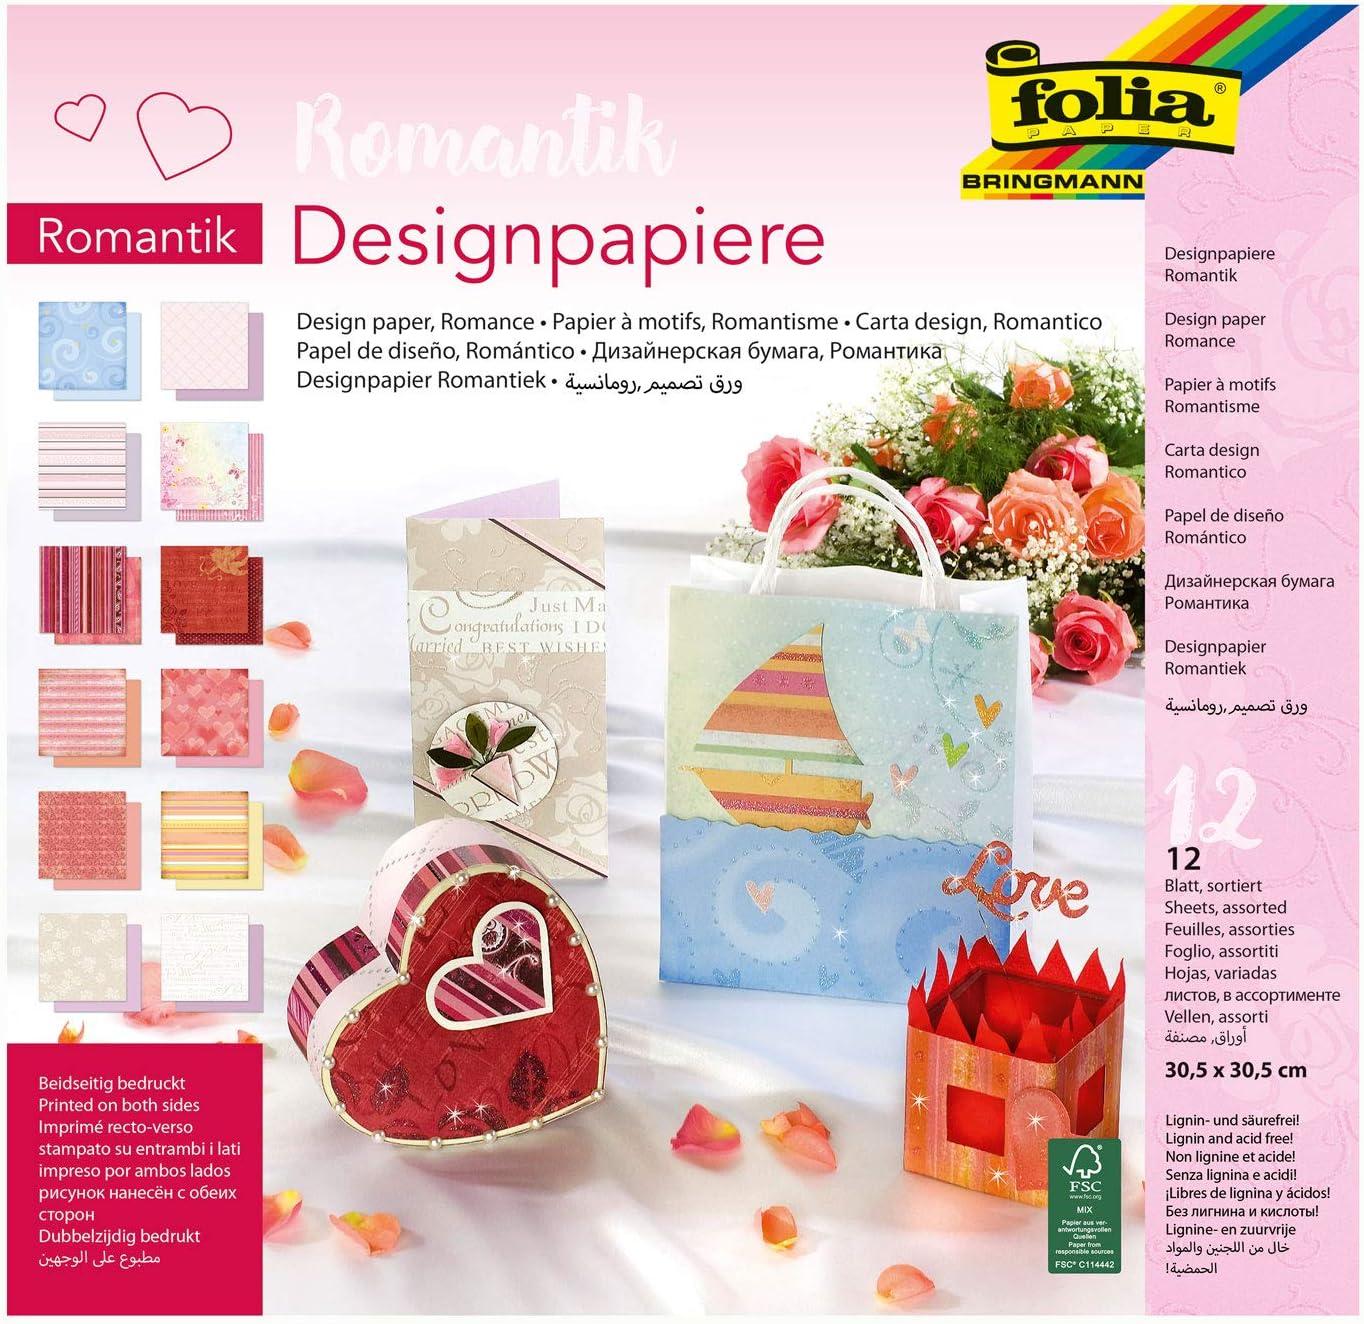 folia 10149 190 g//qm 12 Blatt sortiert in 12 verschiedenen Motiven 30,5 x 30,5 cm ca beidseitig bedrucktes hochwertig illustriertes Papier Designpapier Block Blumen